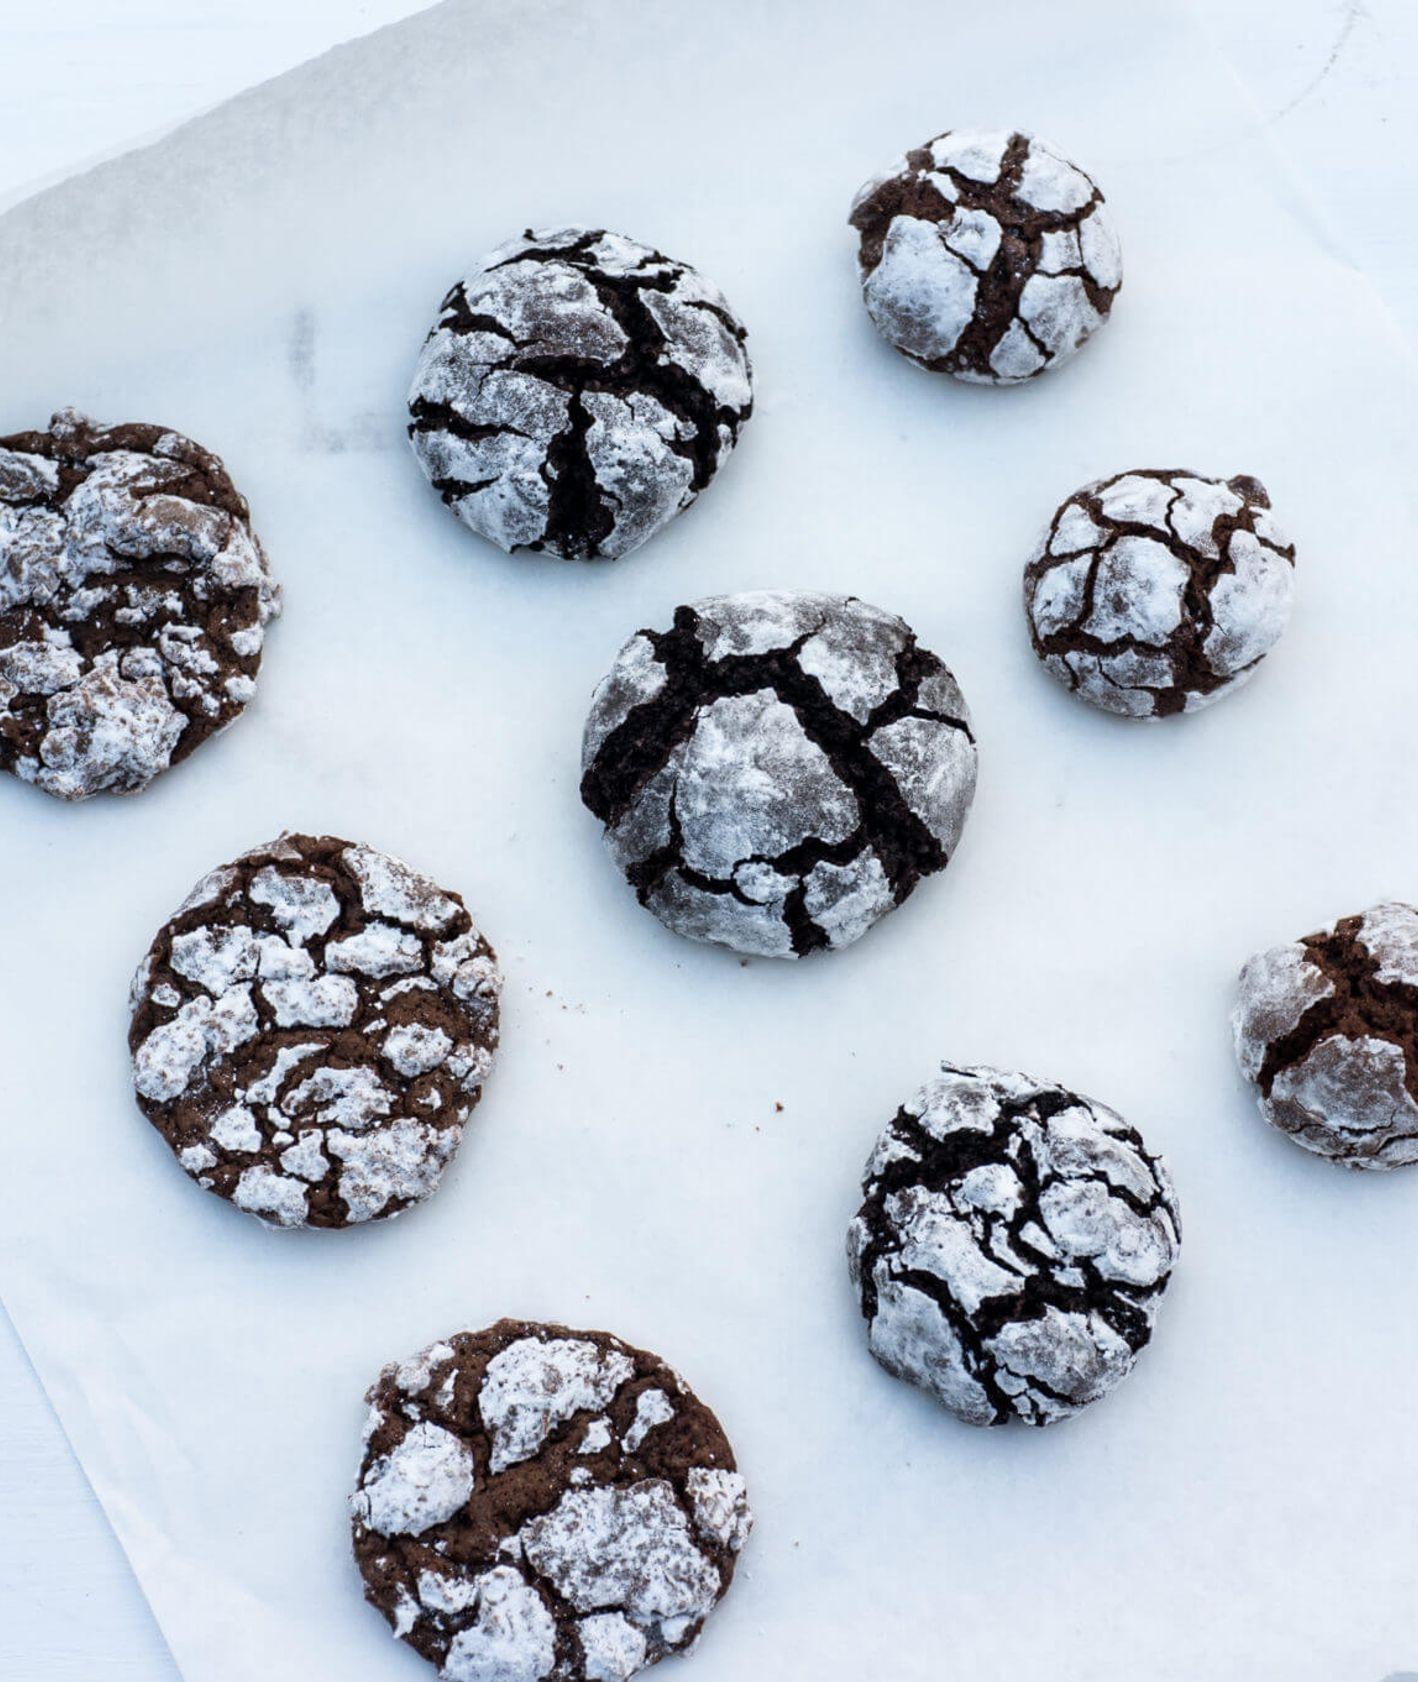 Otulone cukrem czekoladowe kruche ciasteczka smakują najlepiej z kawą lub herbatą (fot. Zuza Rożek)